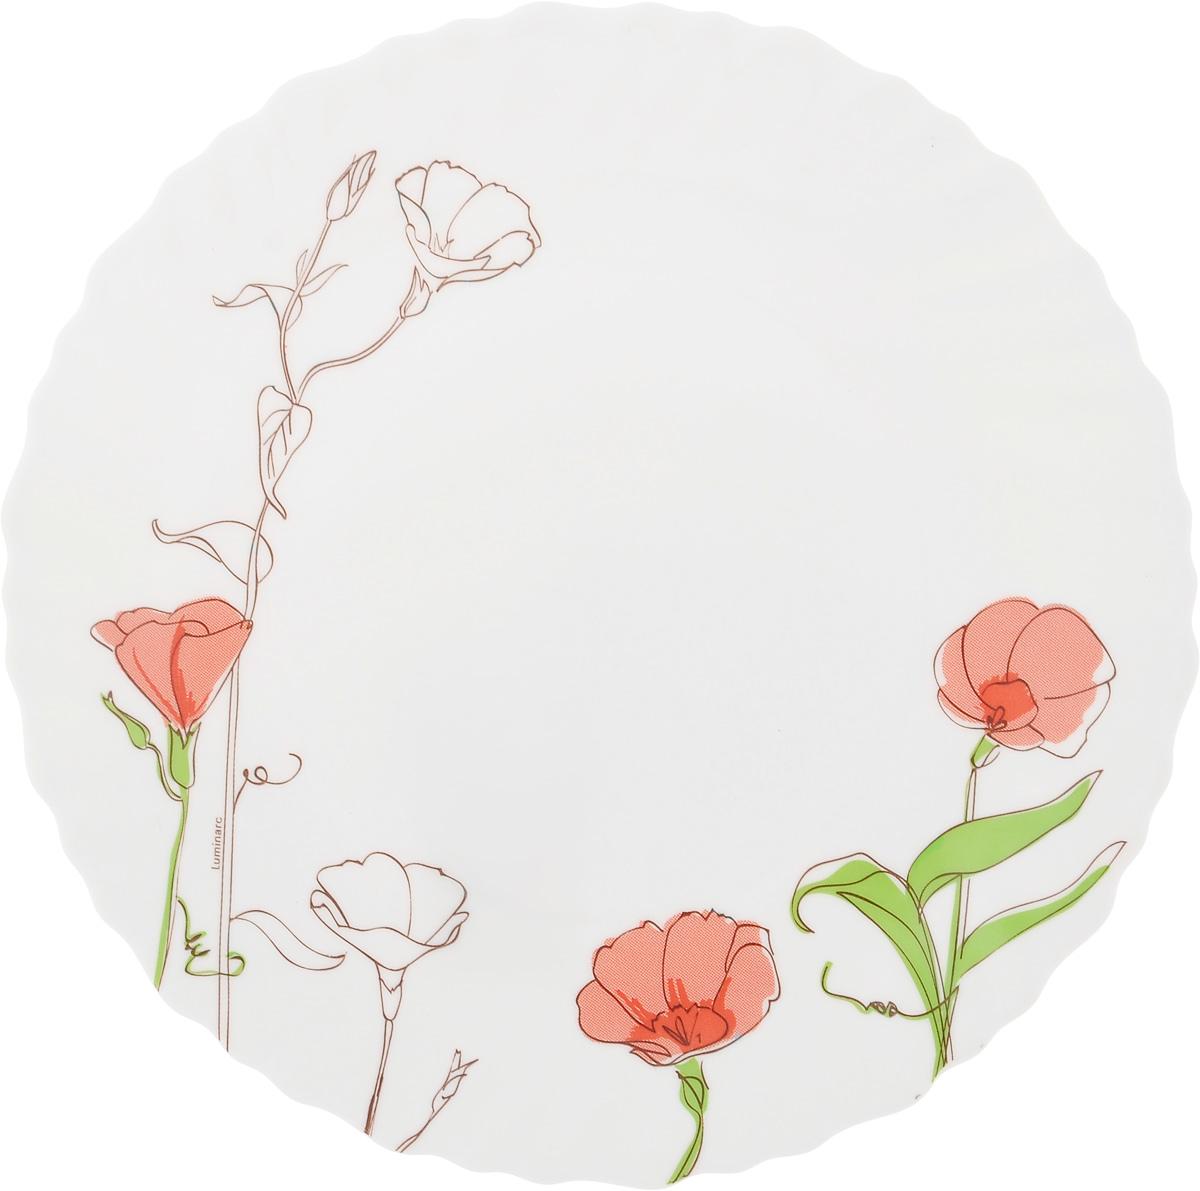 Тарелка десертная Luminarc Natasha, диаметр 19 смAPRARN12030Десертная тарелка Luminarc Natasha выполнена изударопрочного стекла и оформлена цветочным рисунком.Изделие сочетает в себе изысканный дизайн с максимальнойфункциональностью. Она прекрасно впишется винтерьер вашей кухни и станет достойным дополнениемк кухонному инвентарю. Тарелка Luminarc Natasha подчеркнет прекрасный вкус хозяйкии станет отличным подарком. Диаметр (по верхнему краю): 19 см.